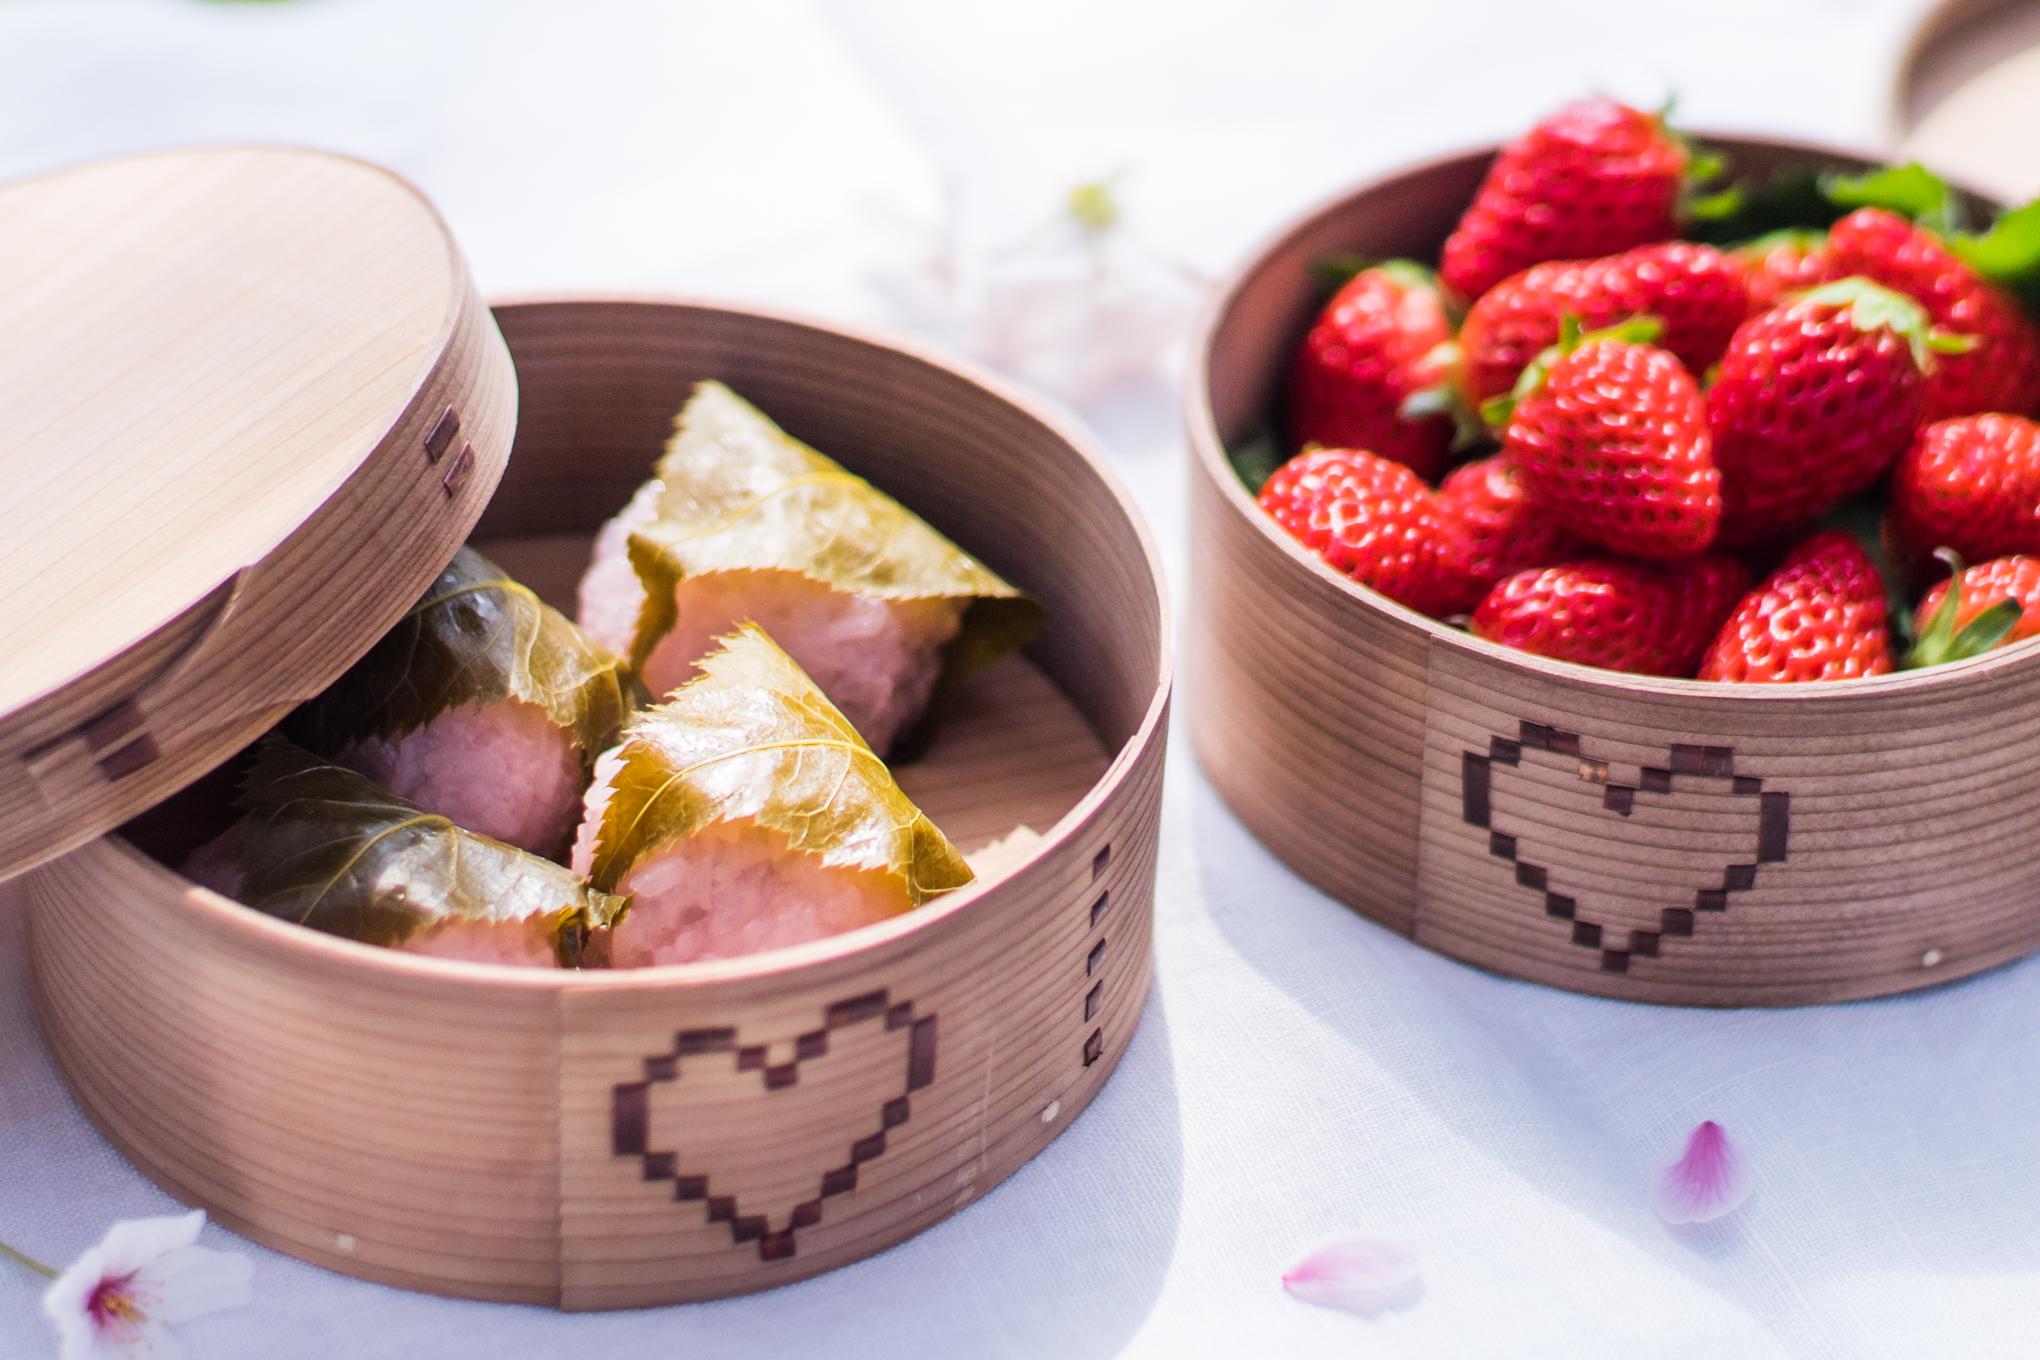 桜餅といちご。ハートの手作り曲げわっぱに詰めたらこんなに可愛くてニヤニヤが止まらないです